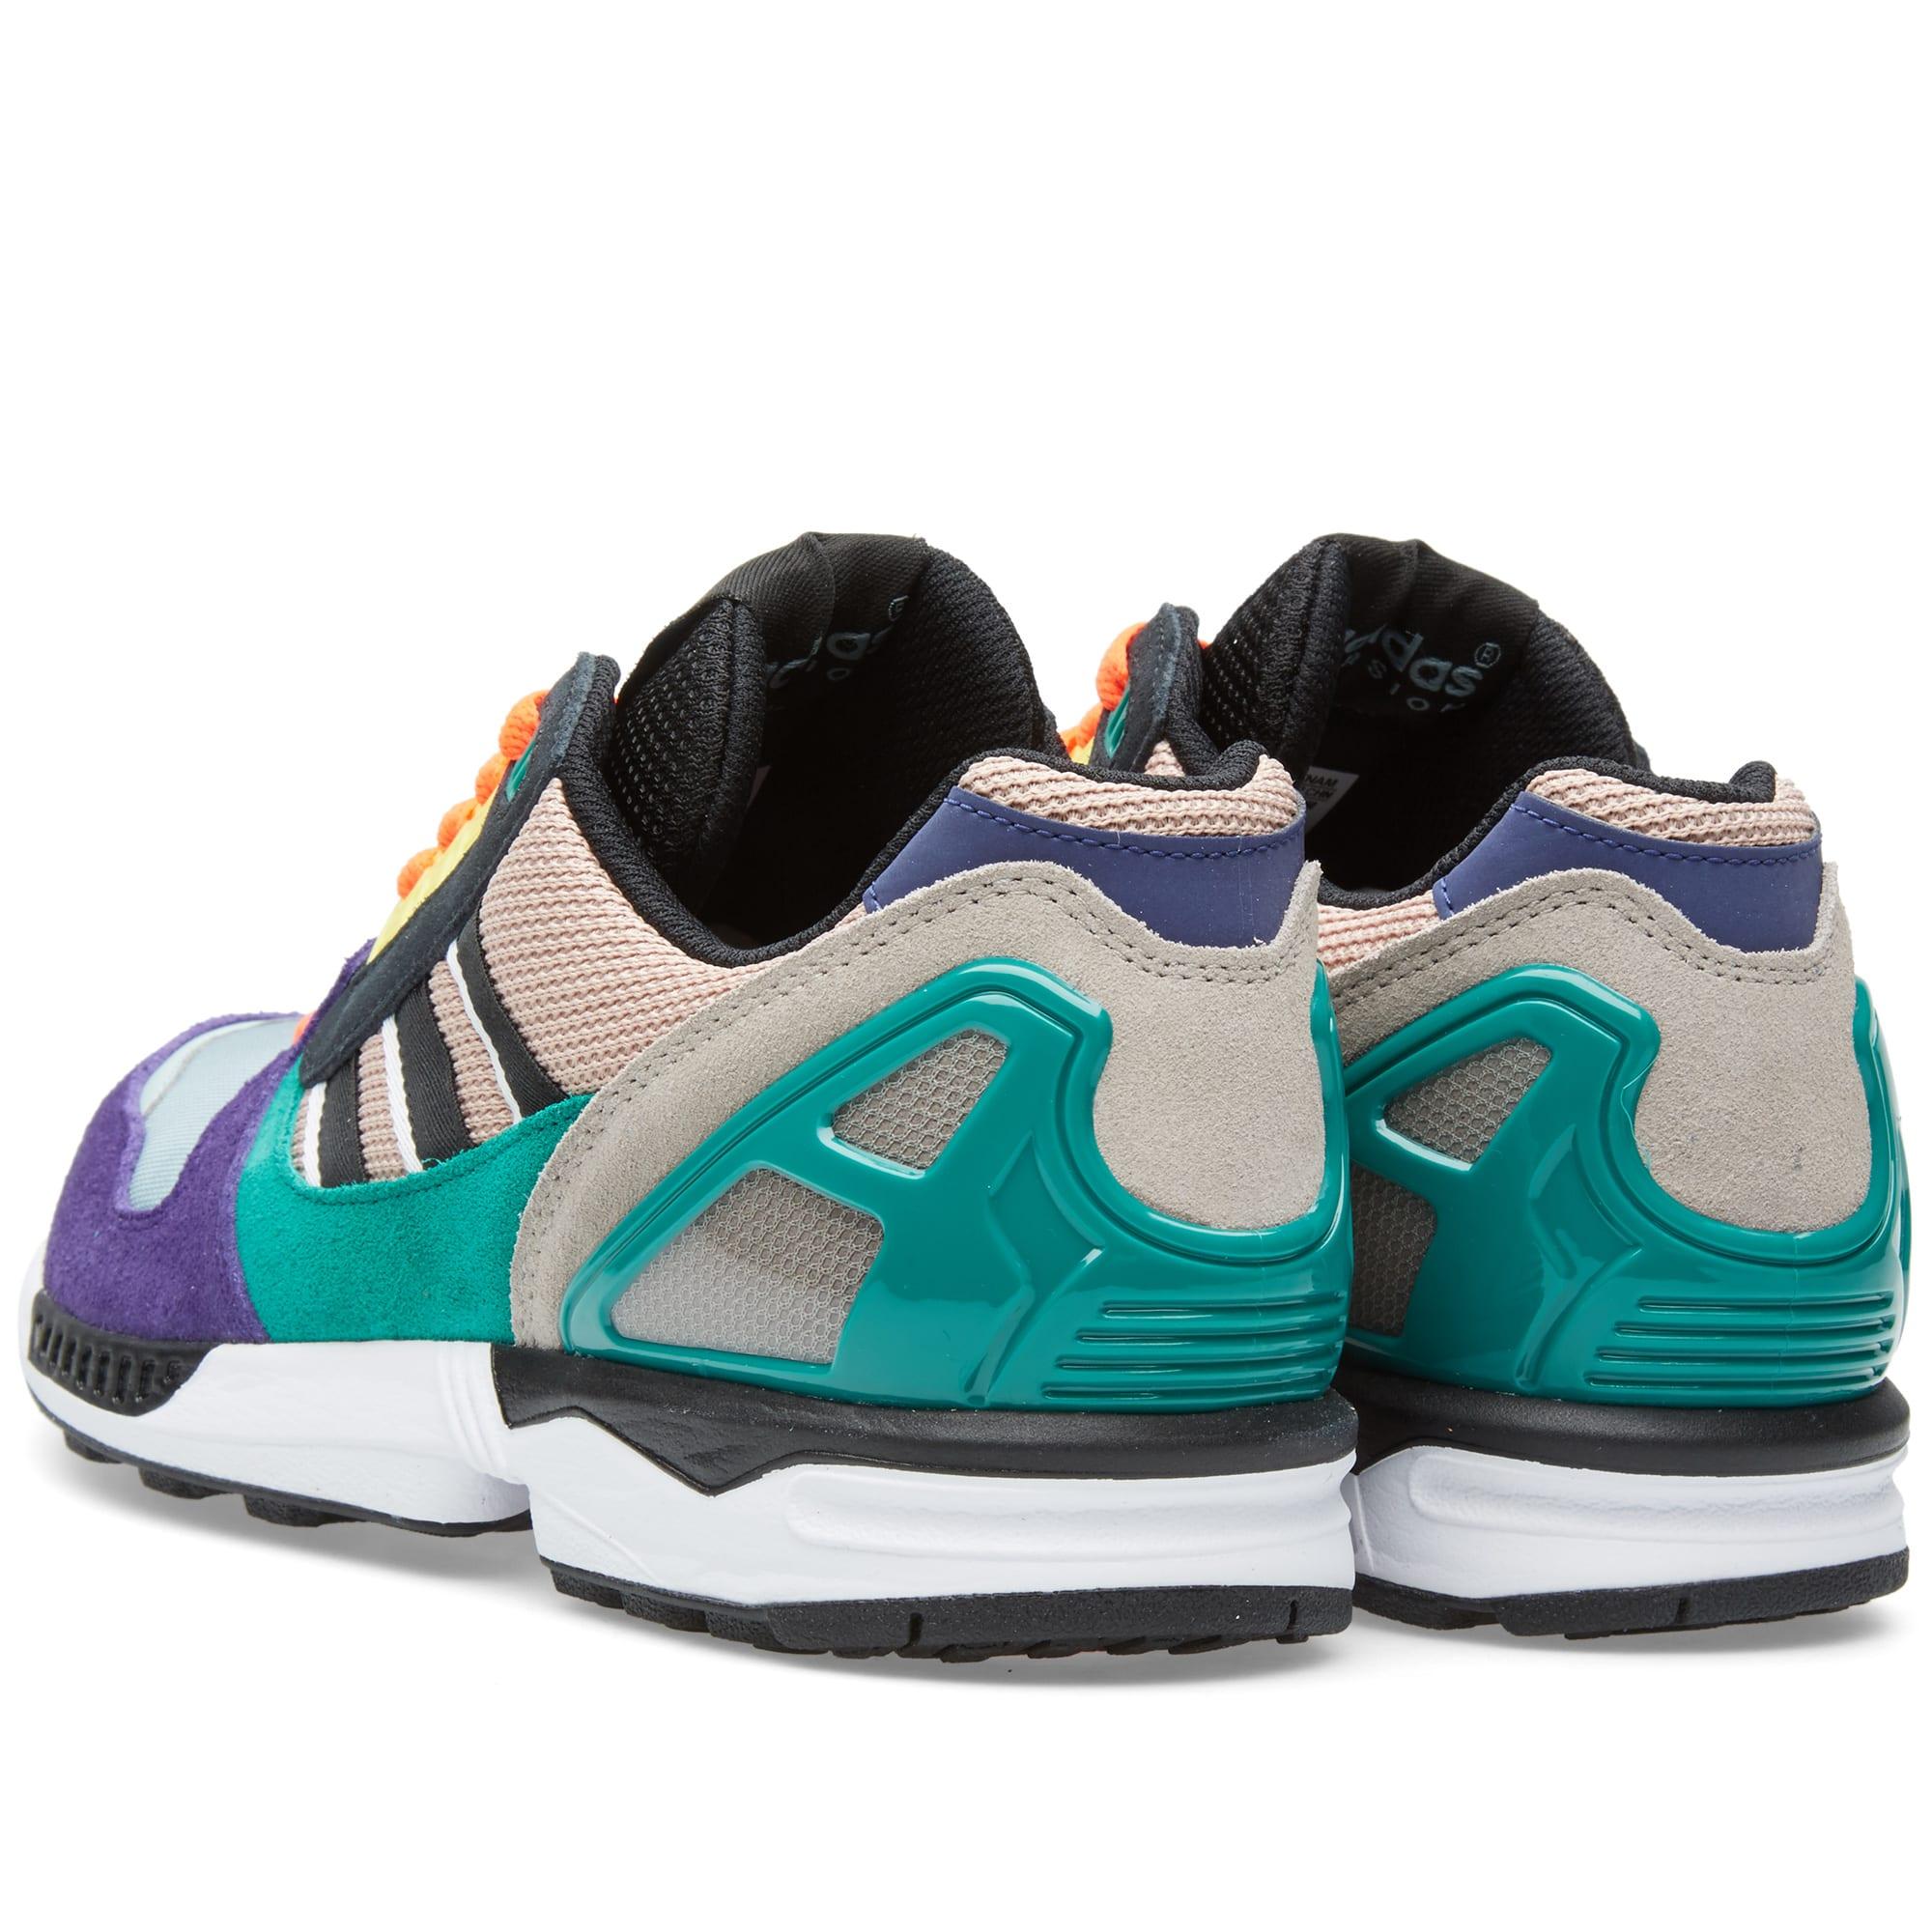 designer fashion b7048 03aca Adidas ZX 8000